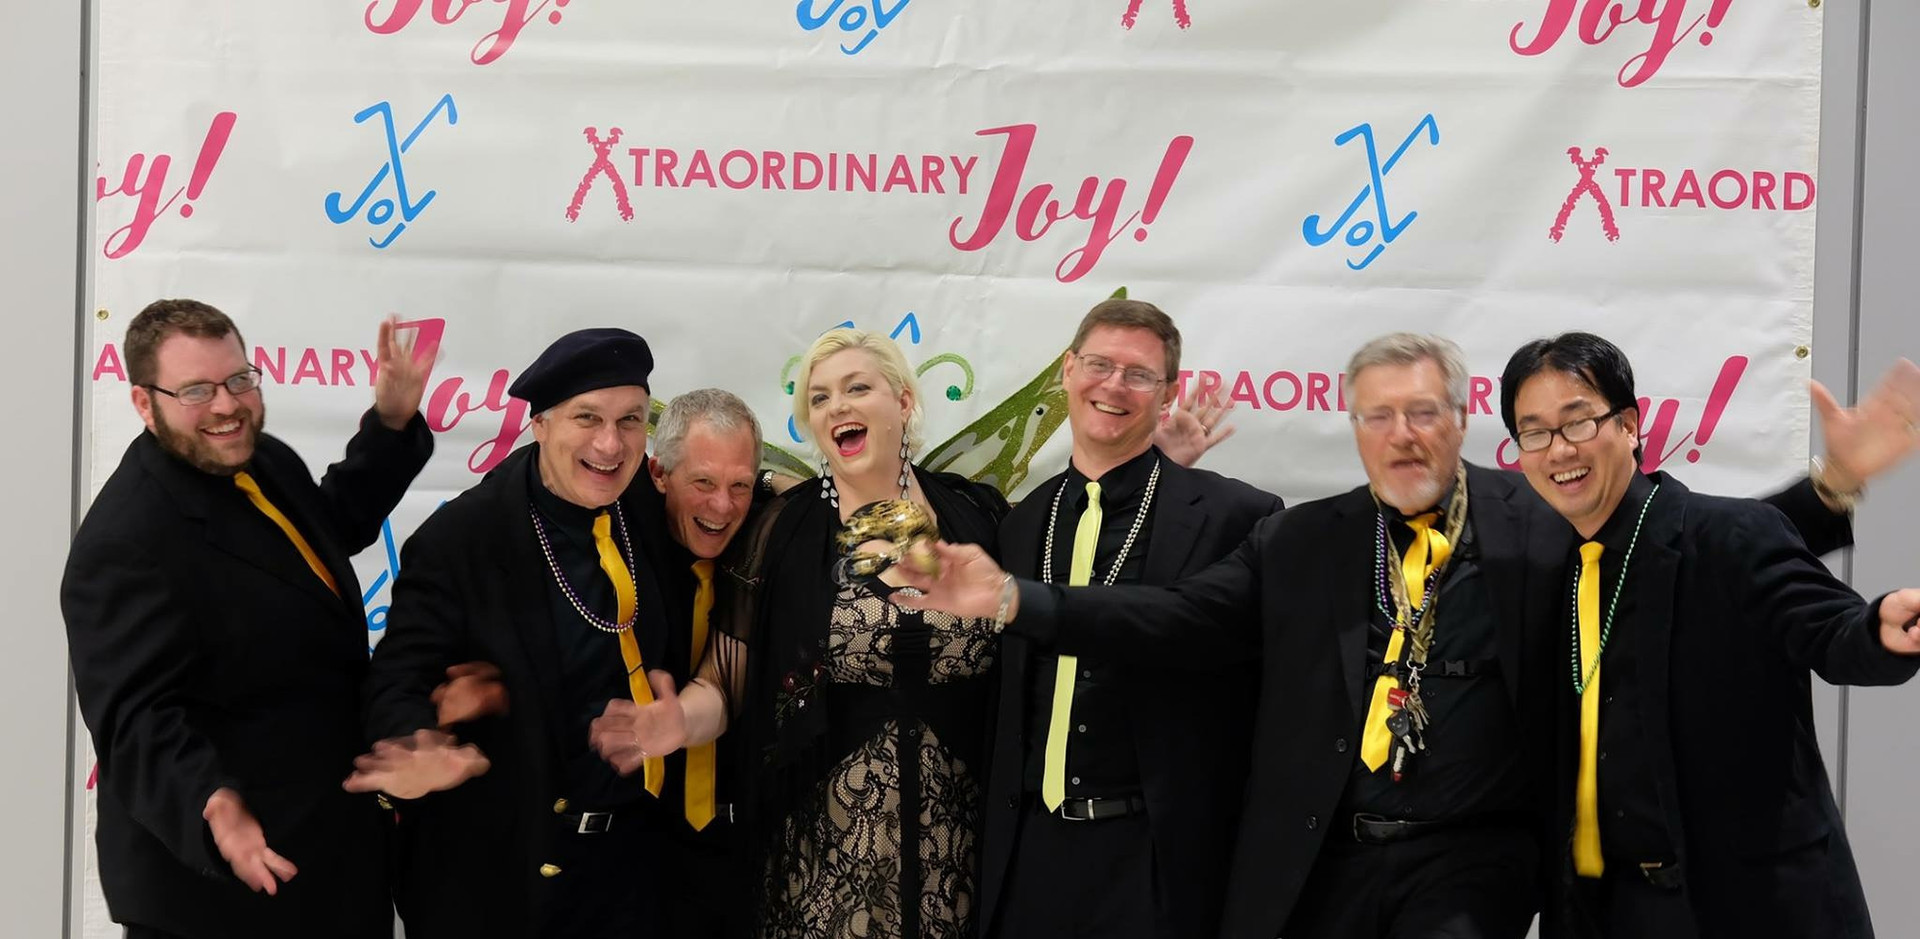 Xtraordinary Joy.jpg